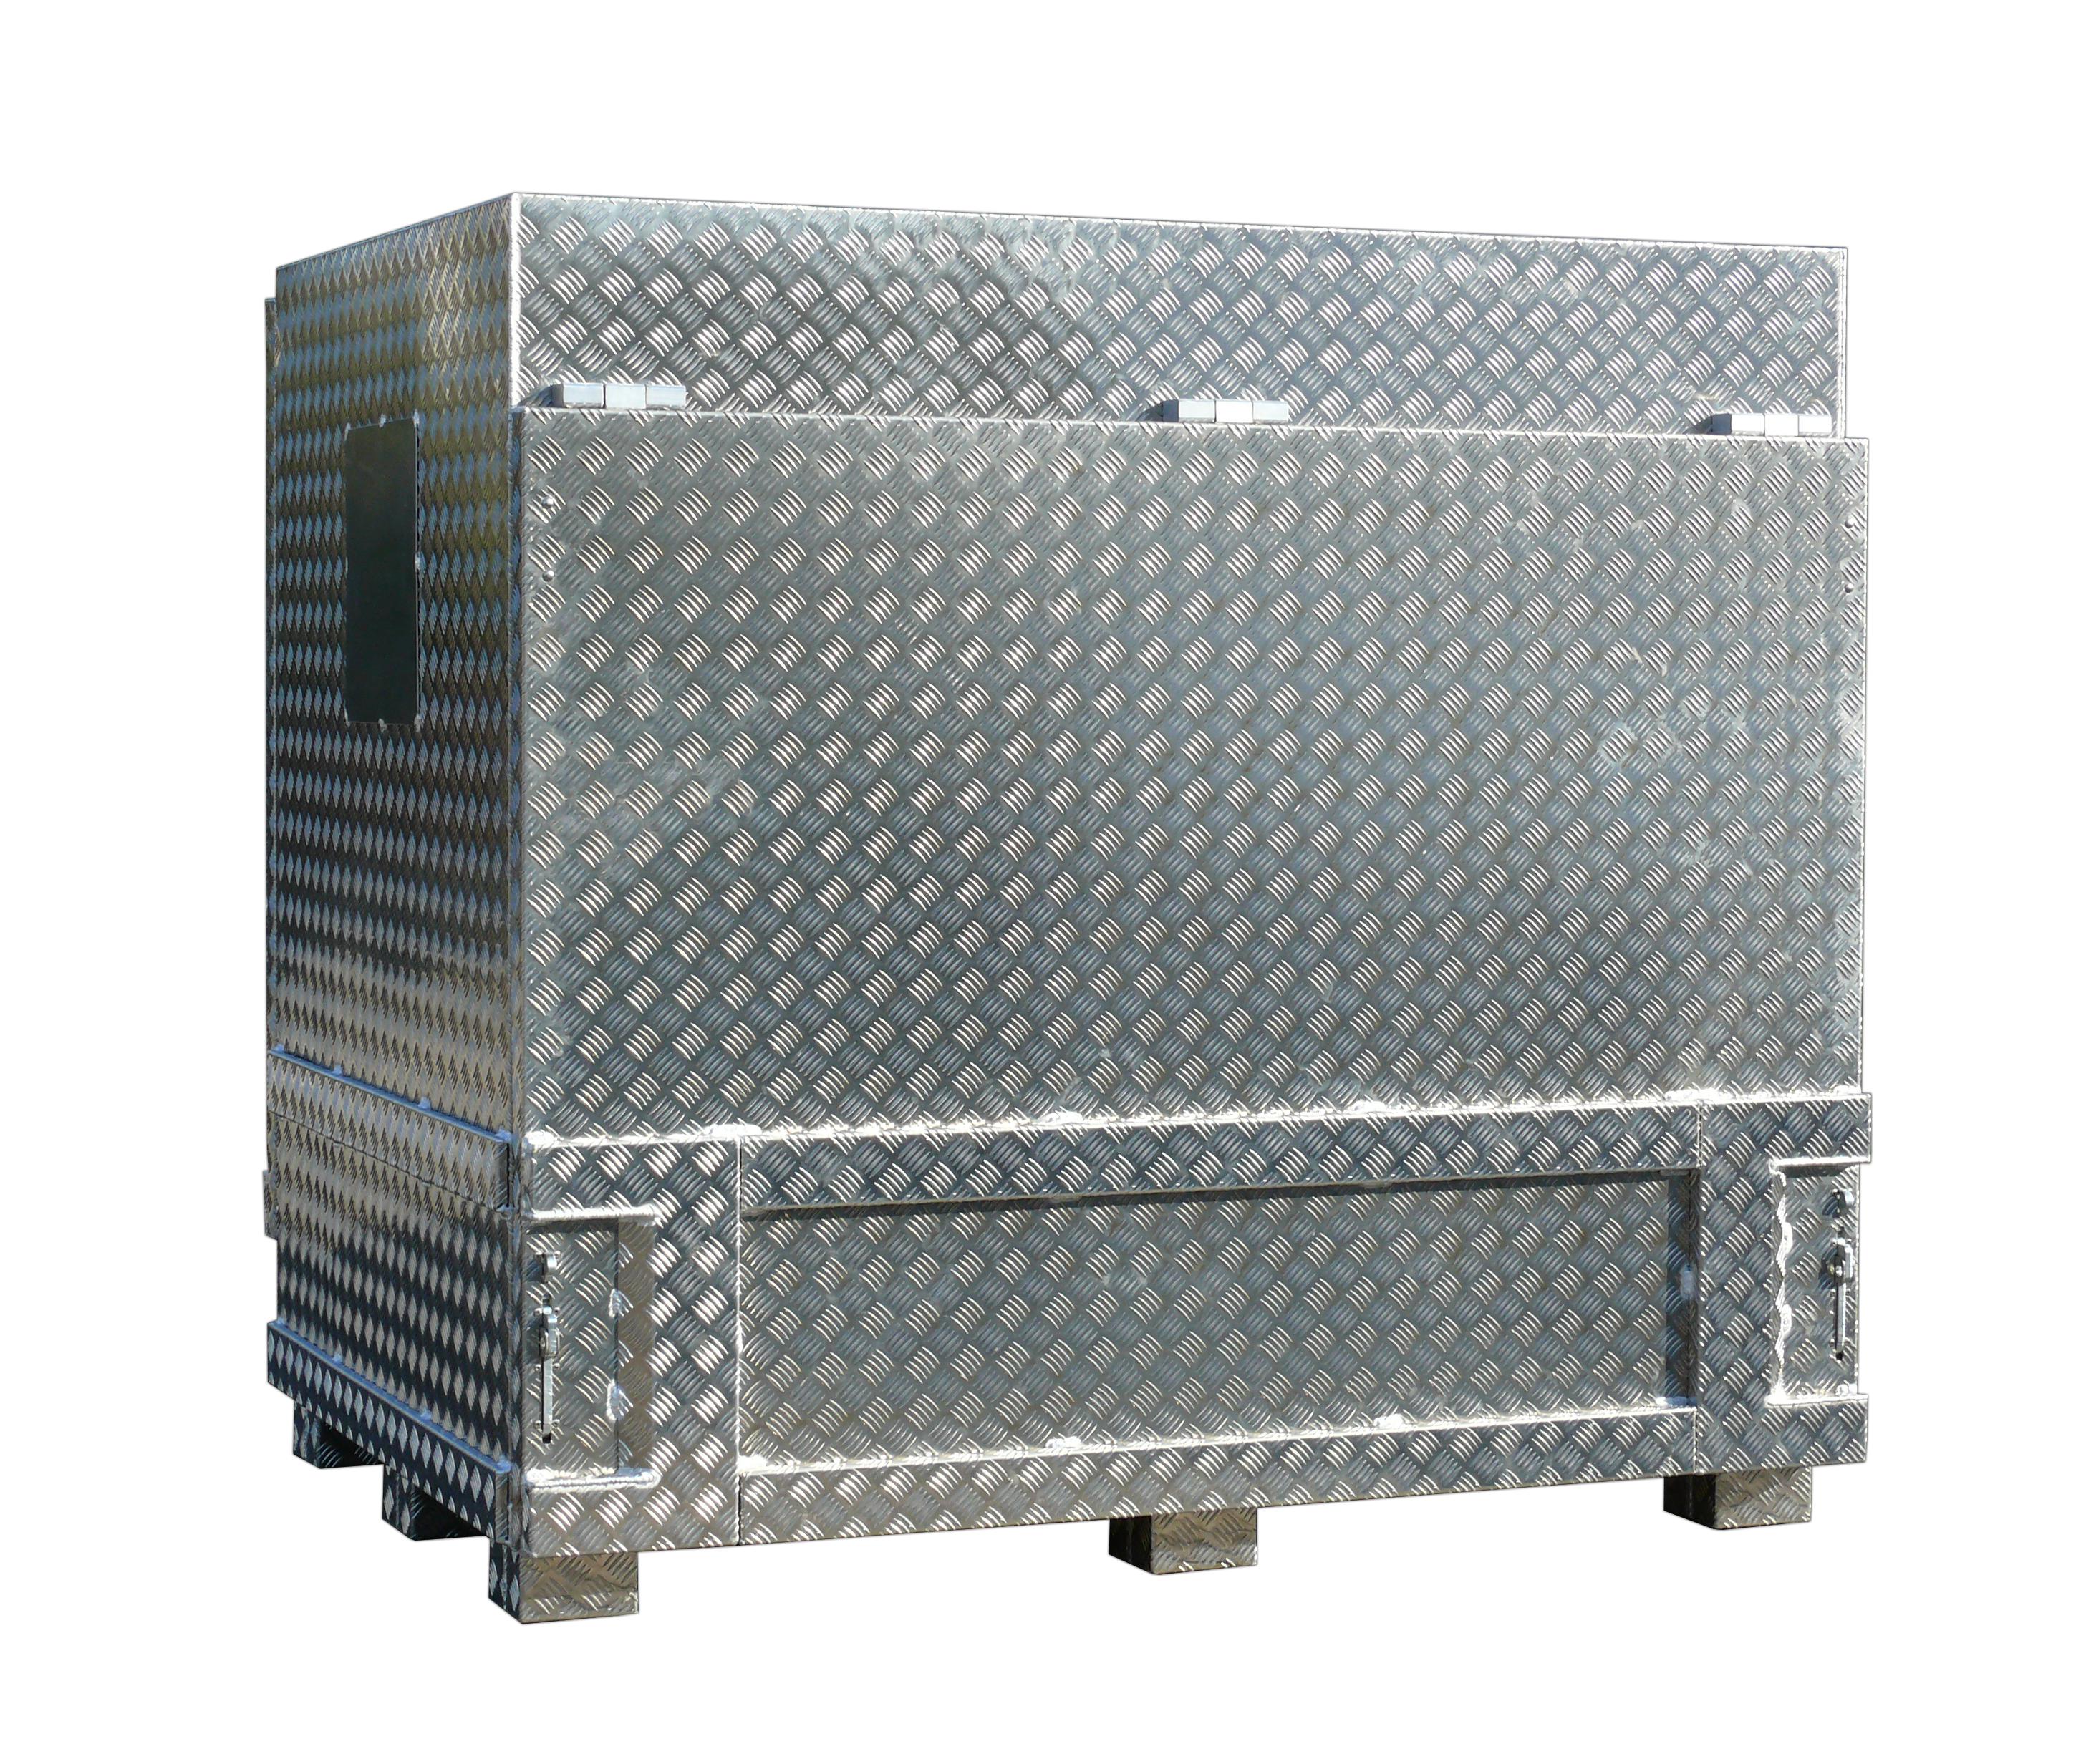 Mobile Werkstattbox